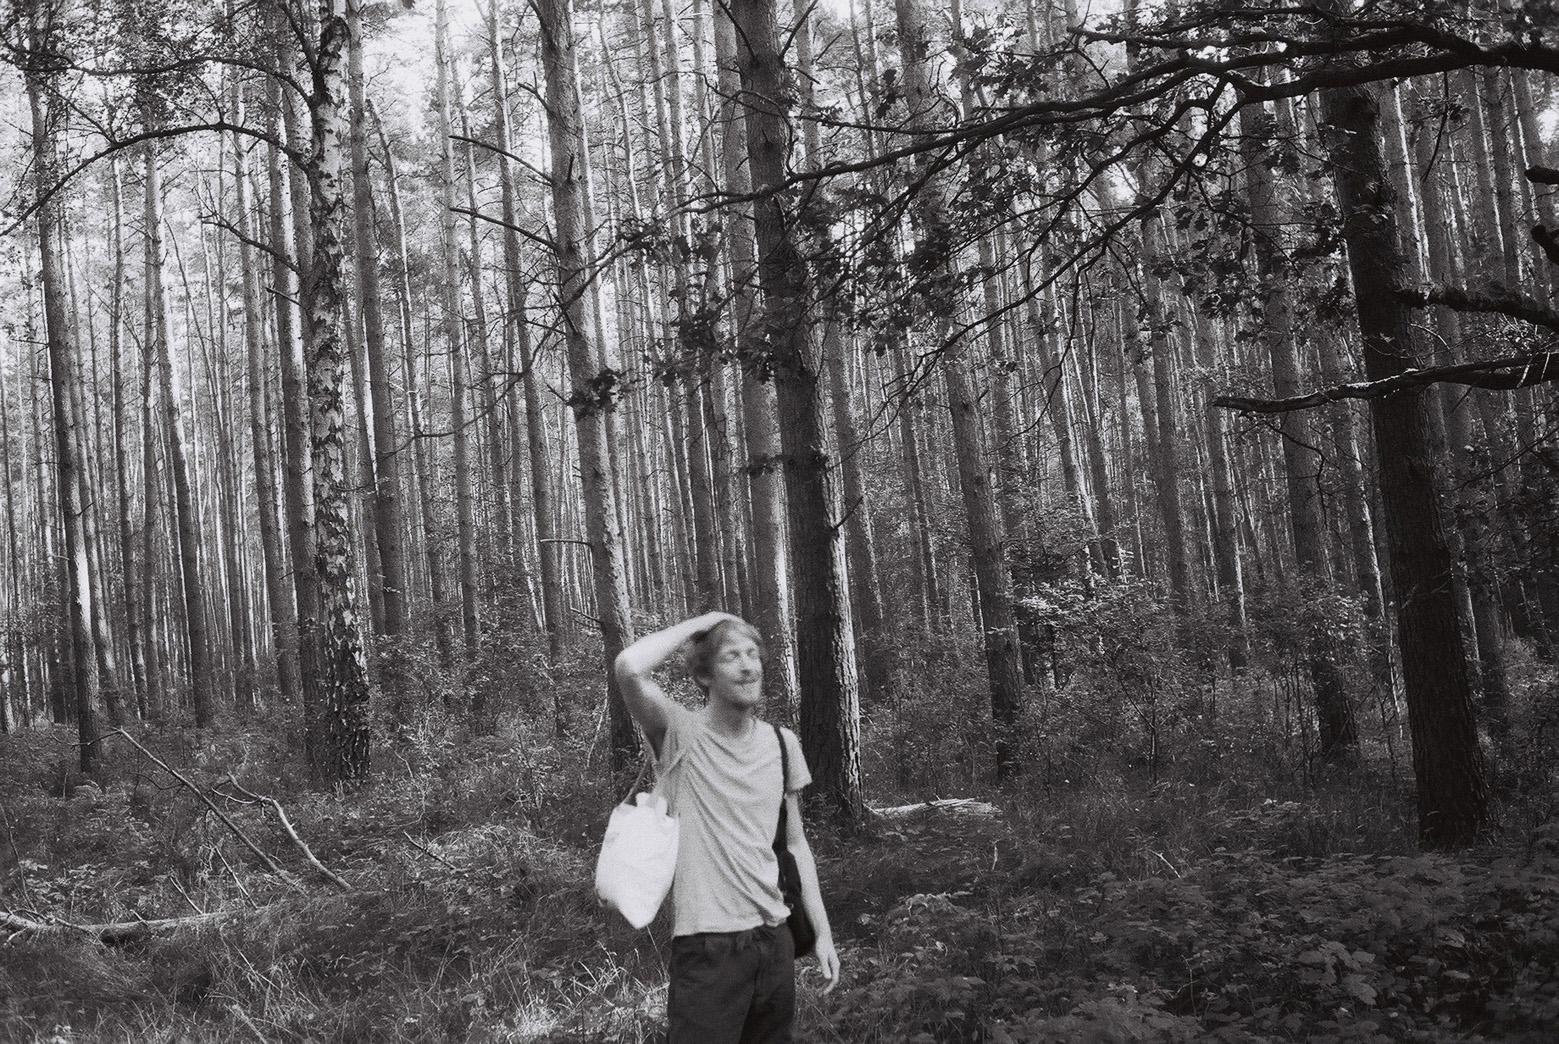 Aus der Fotoreihe: Dickte. Von Katharina Behling und Fabian Zapatka